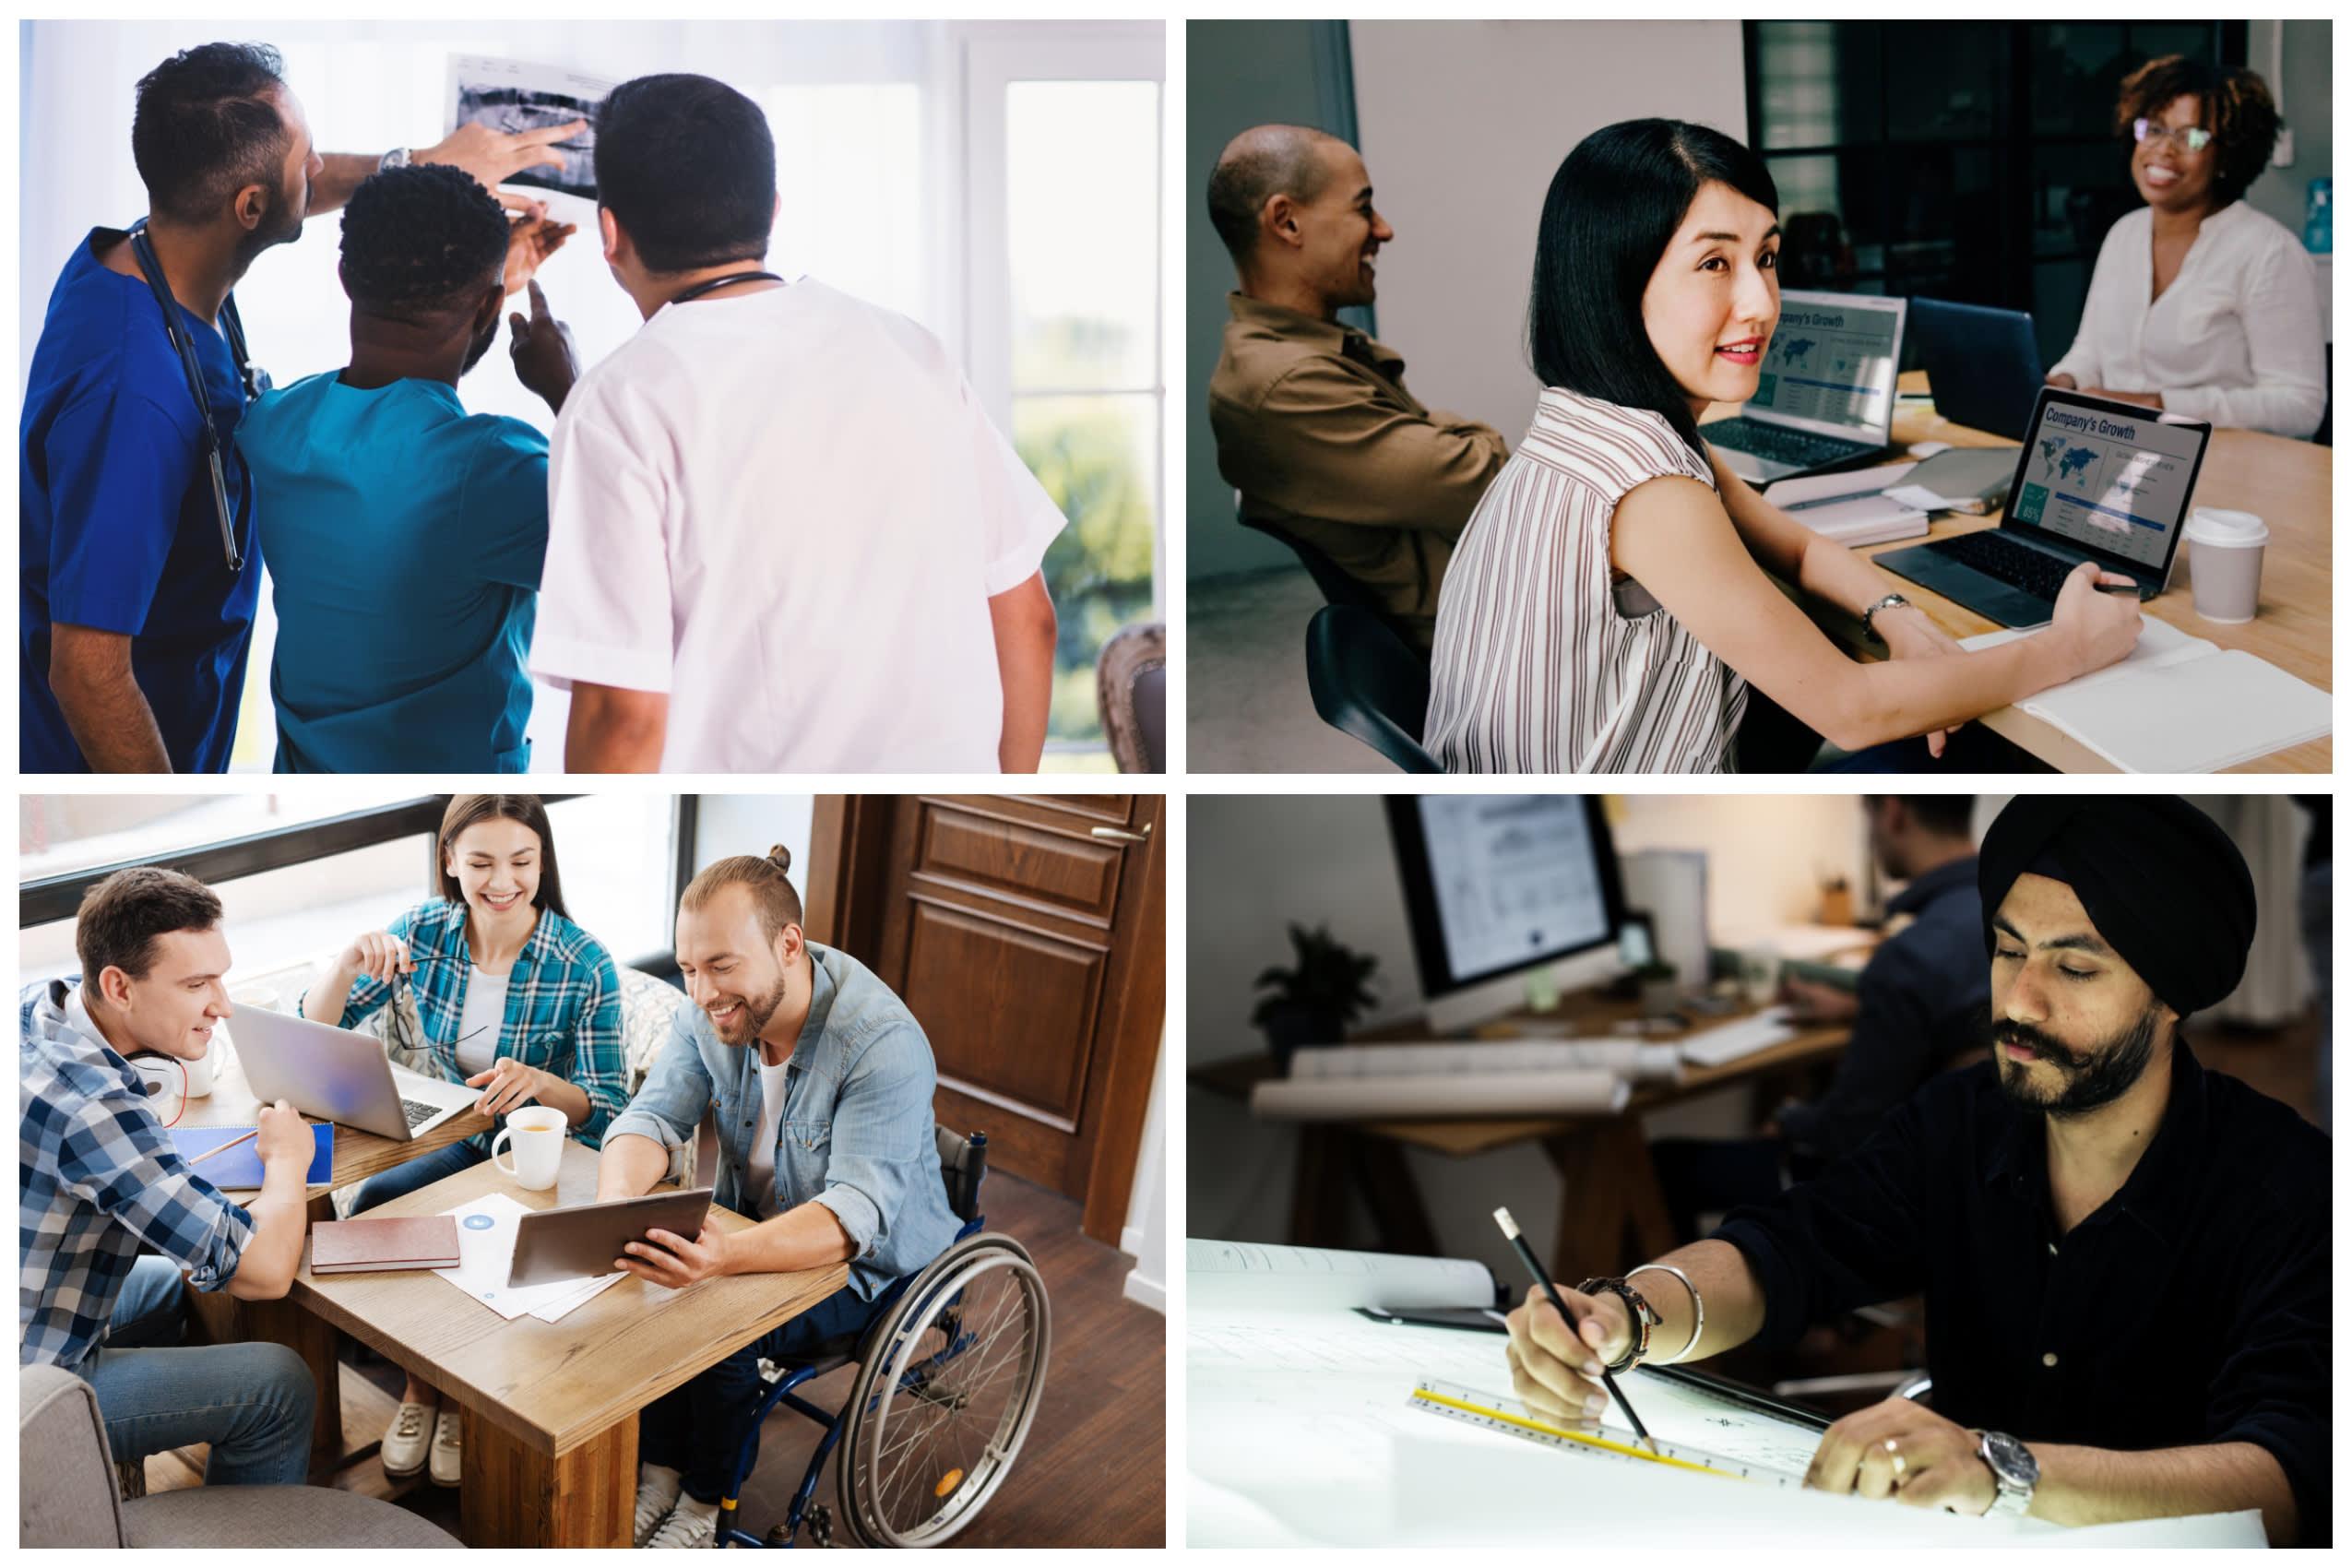 Eine Montage von Fotos, die Diversität am Arbeitsplatz zeigen, einschließlich Geschlecht, körperliche Leistungsfähigkeit und ethnischer Herkunft.